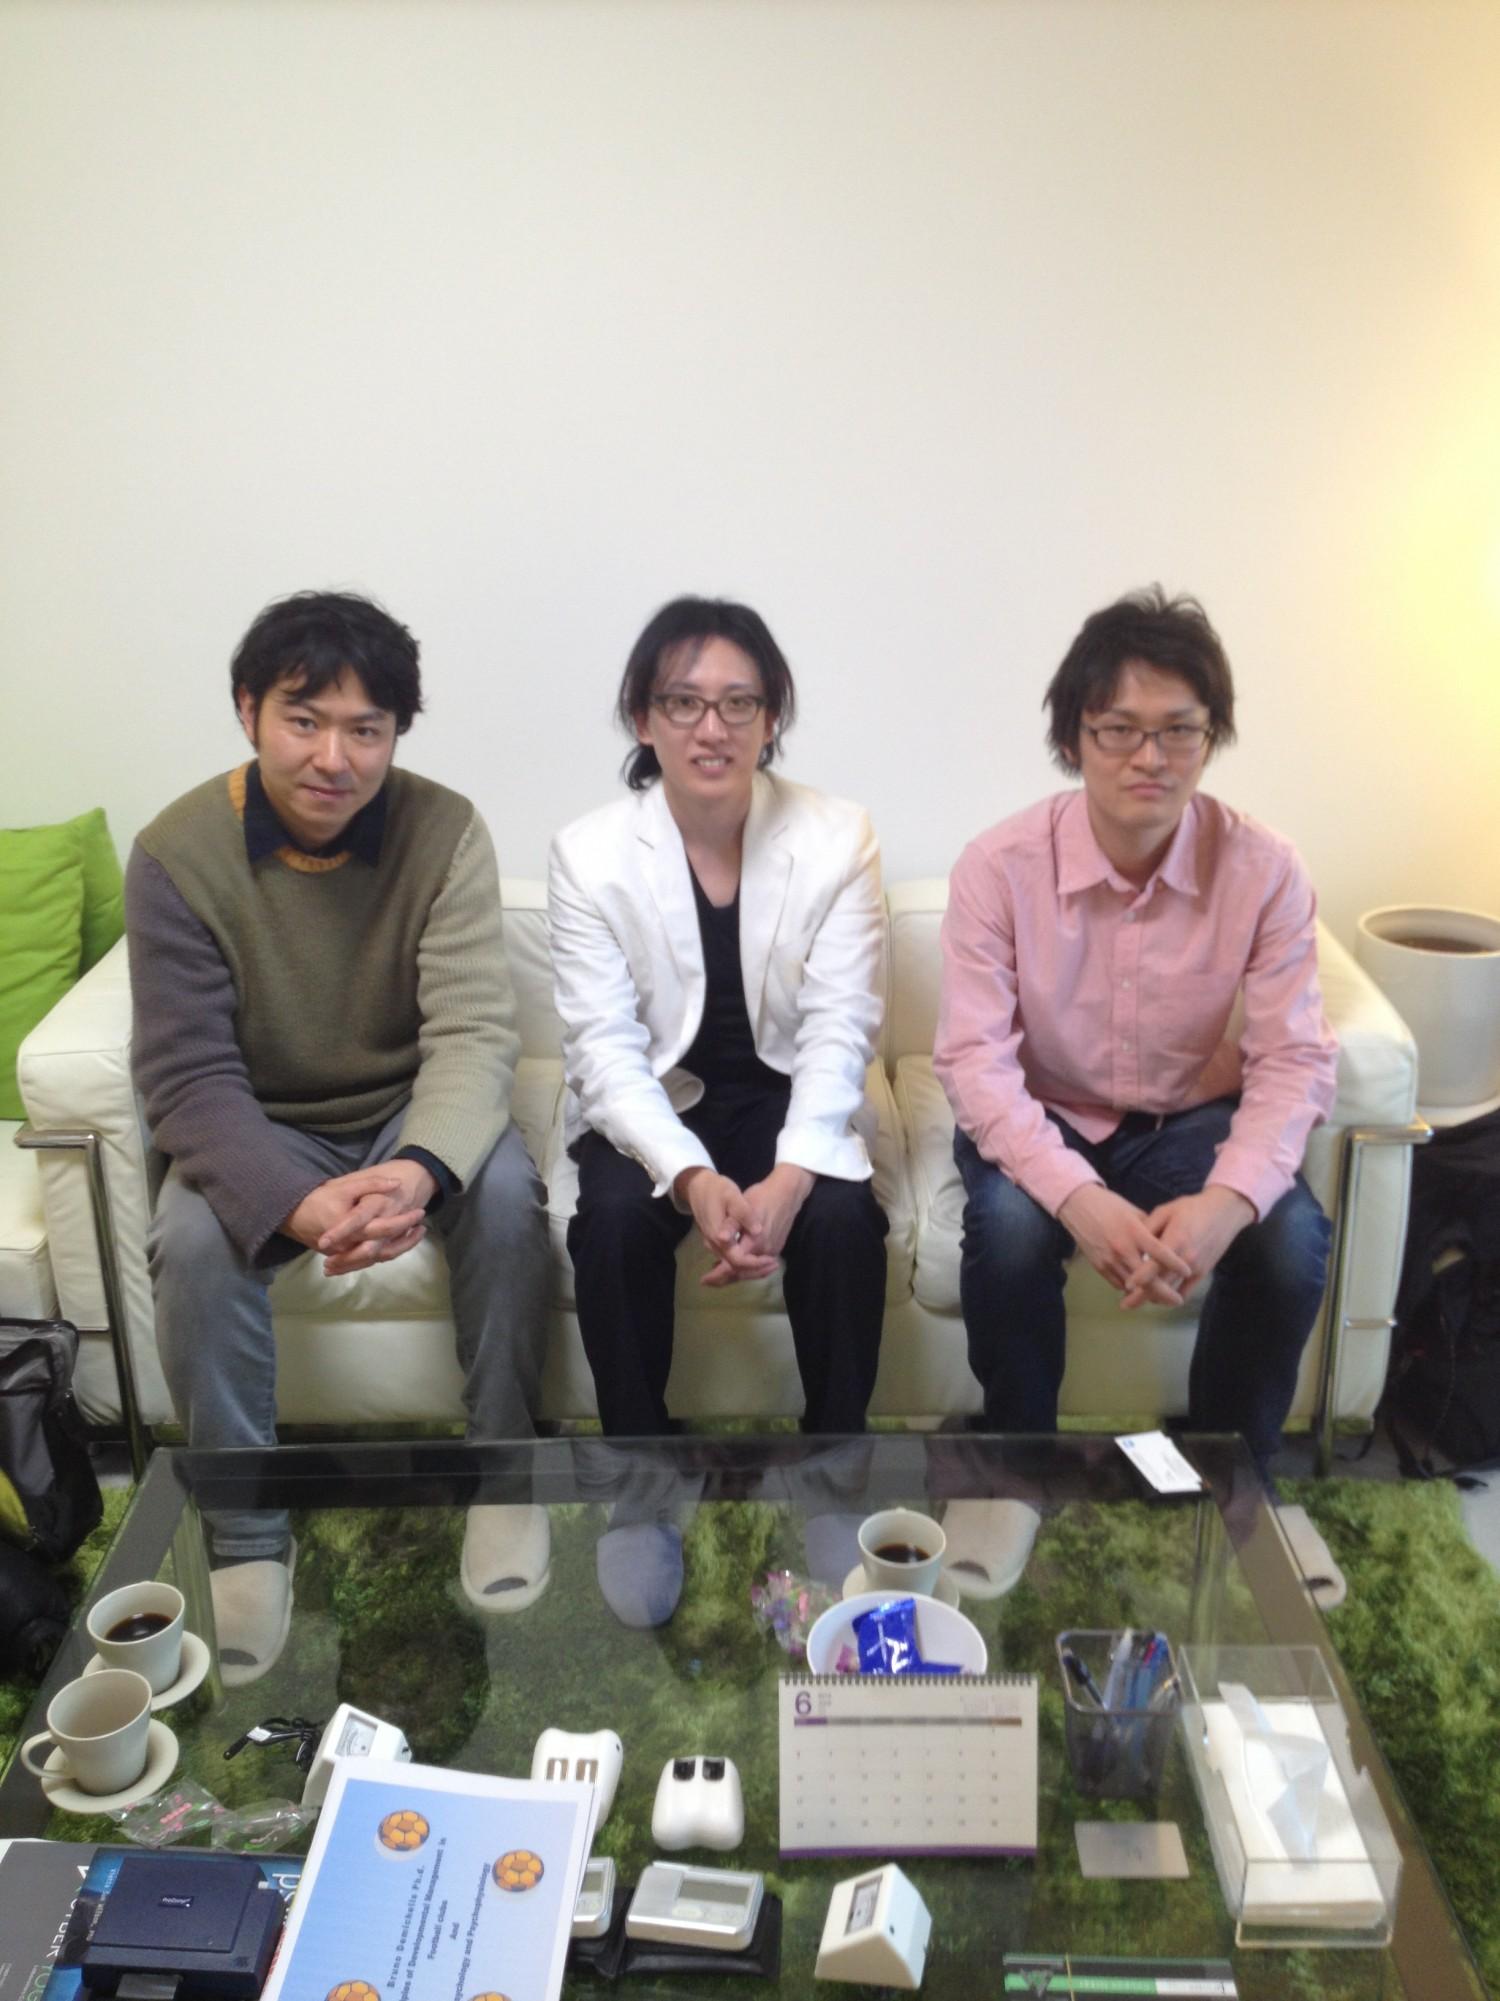 テレビ東京「FOOT×BRAIN」様との番組打ち合わせ